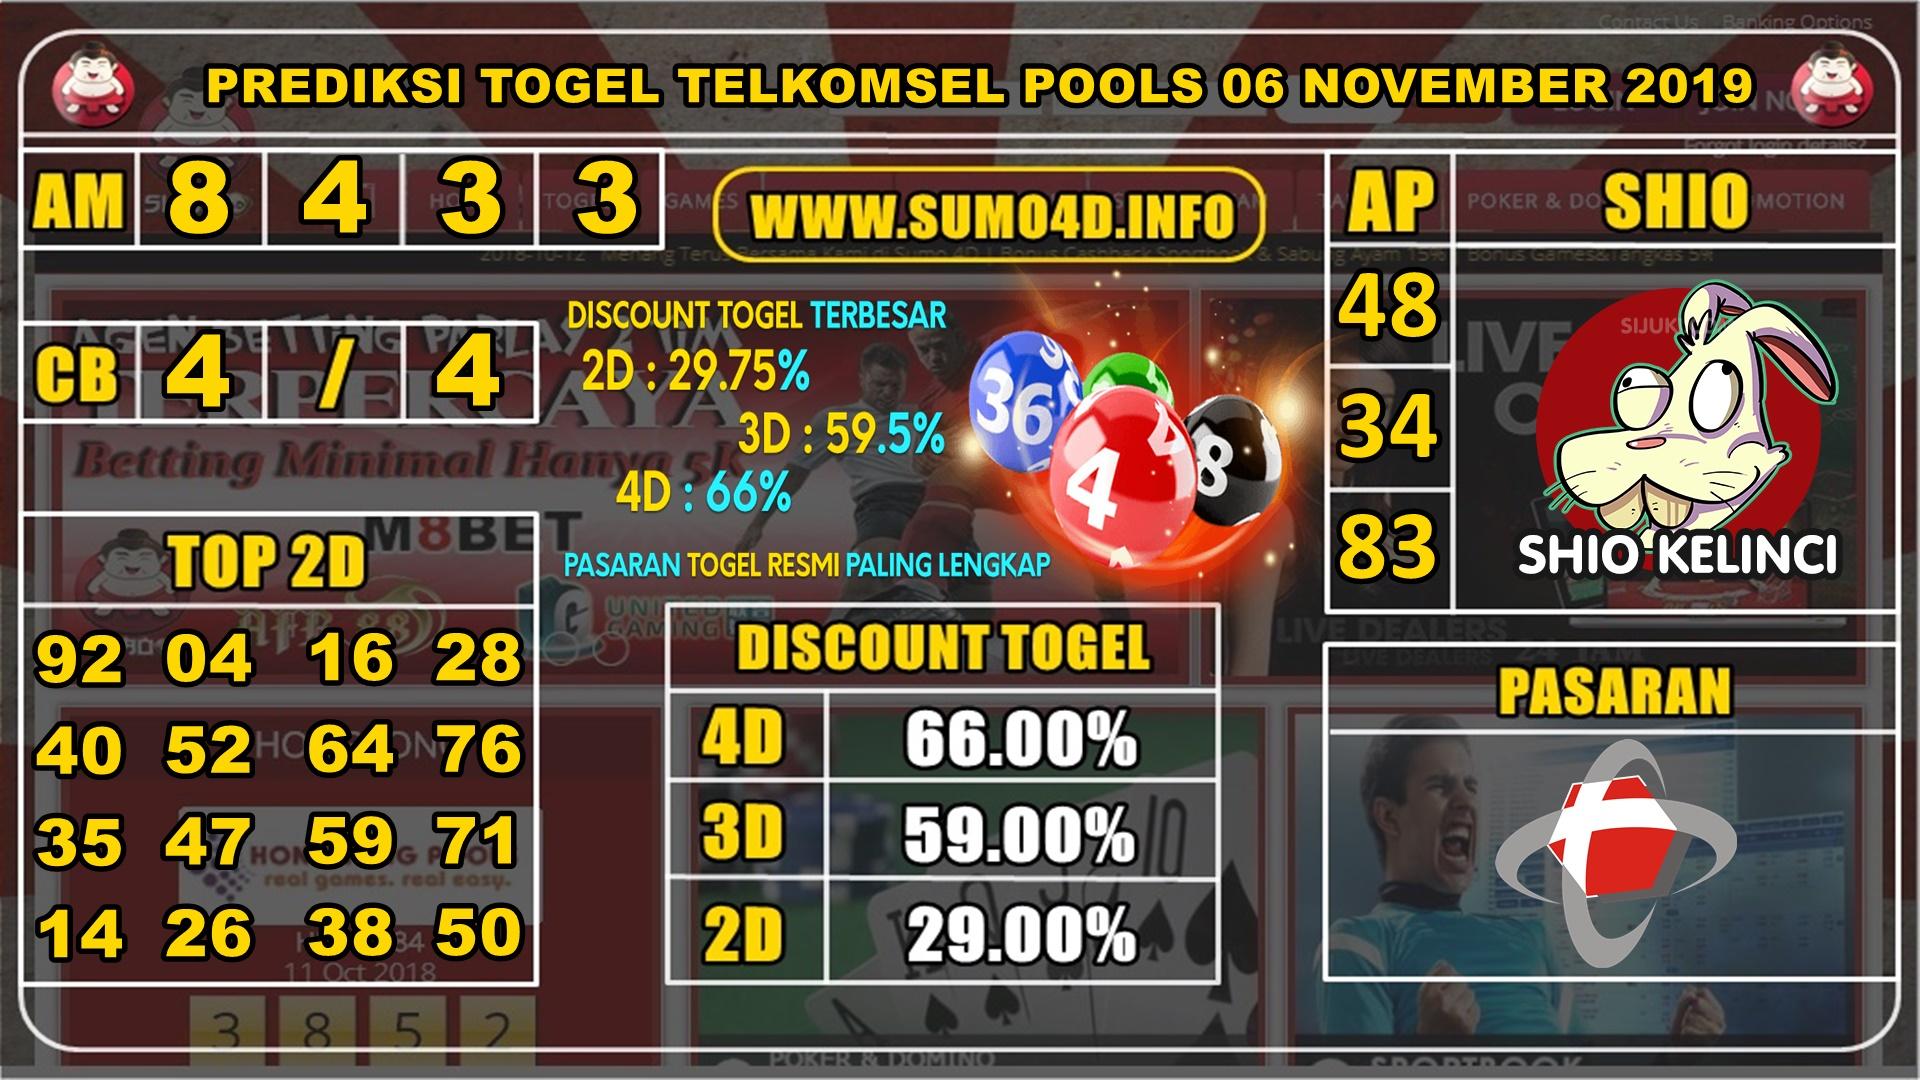 PREDIKSI TOGEL TELKOMSEL POOLS 06 NOVEMBER 2019